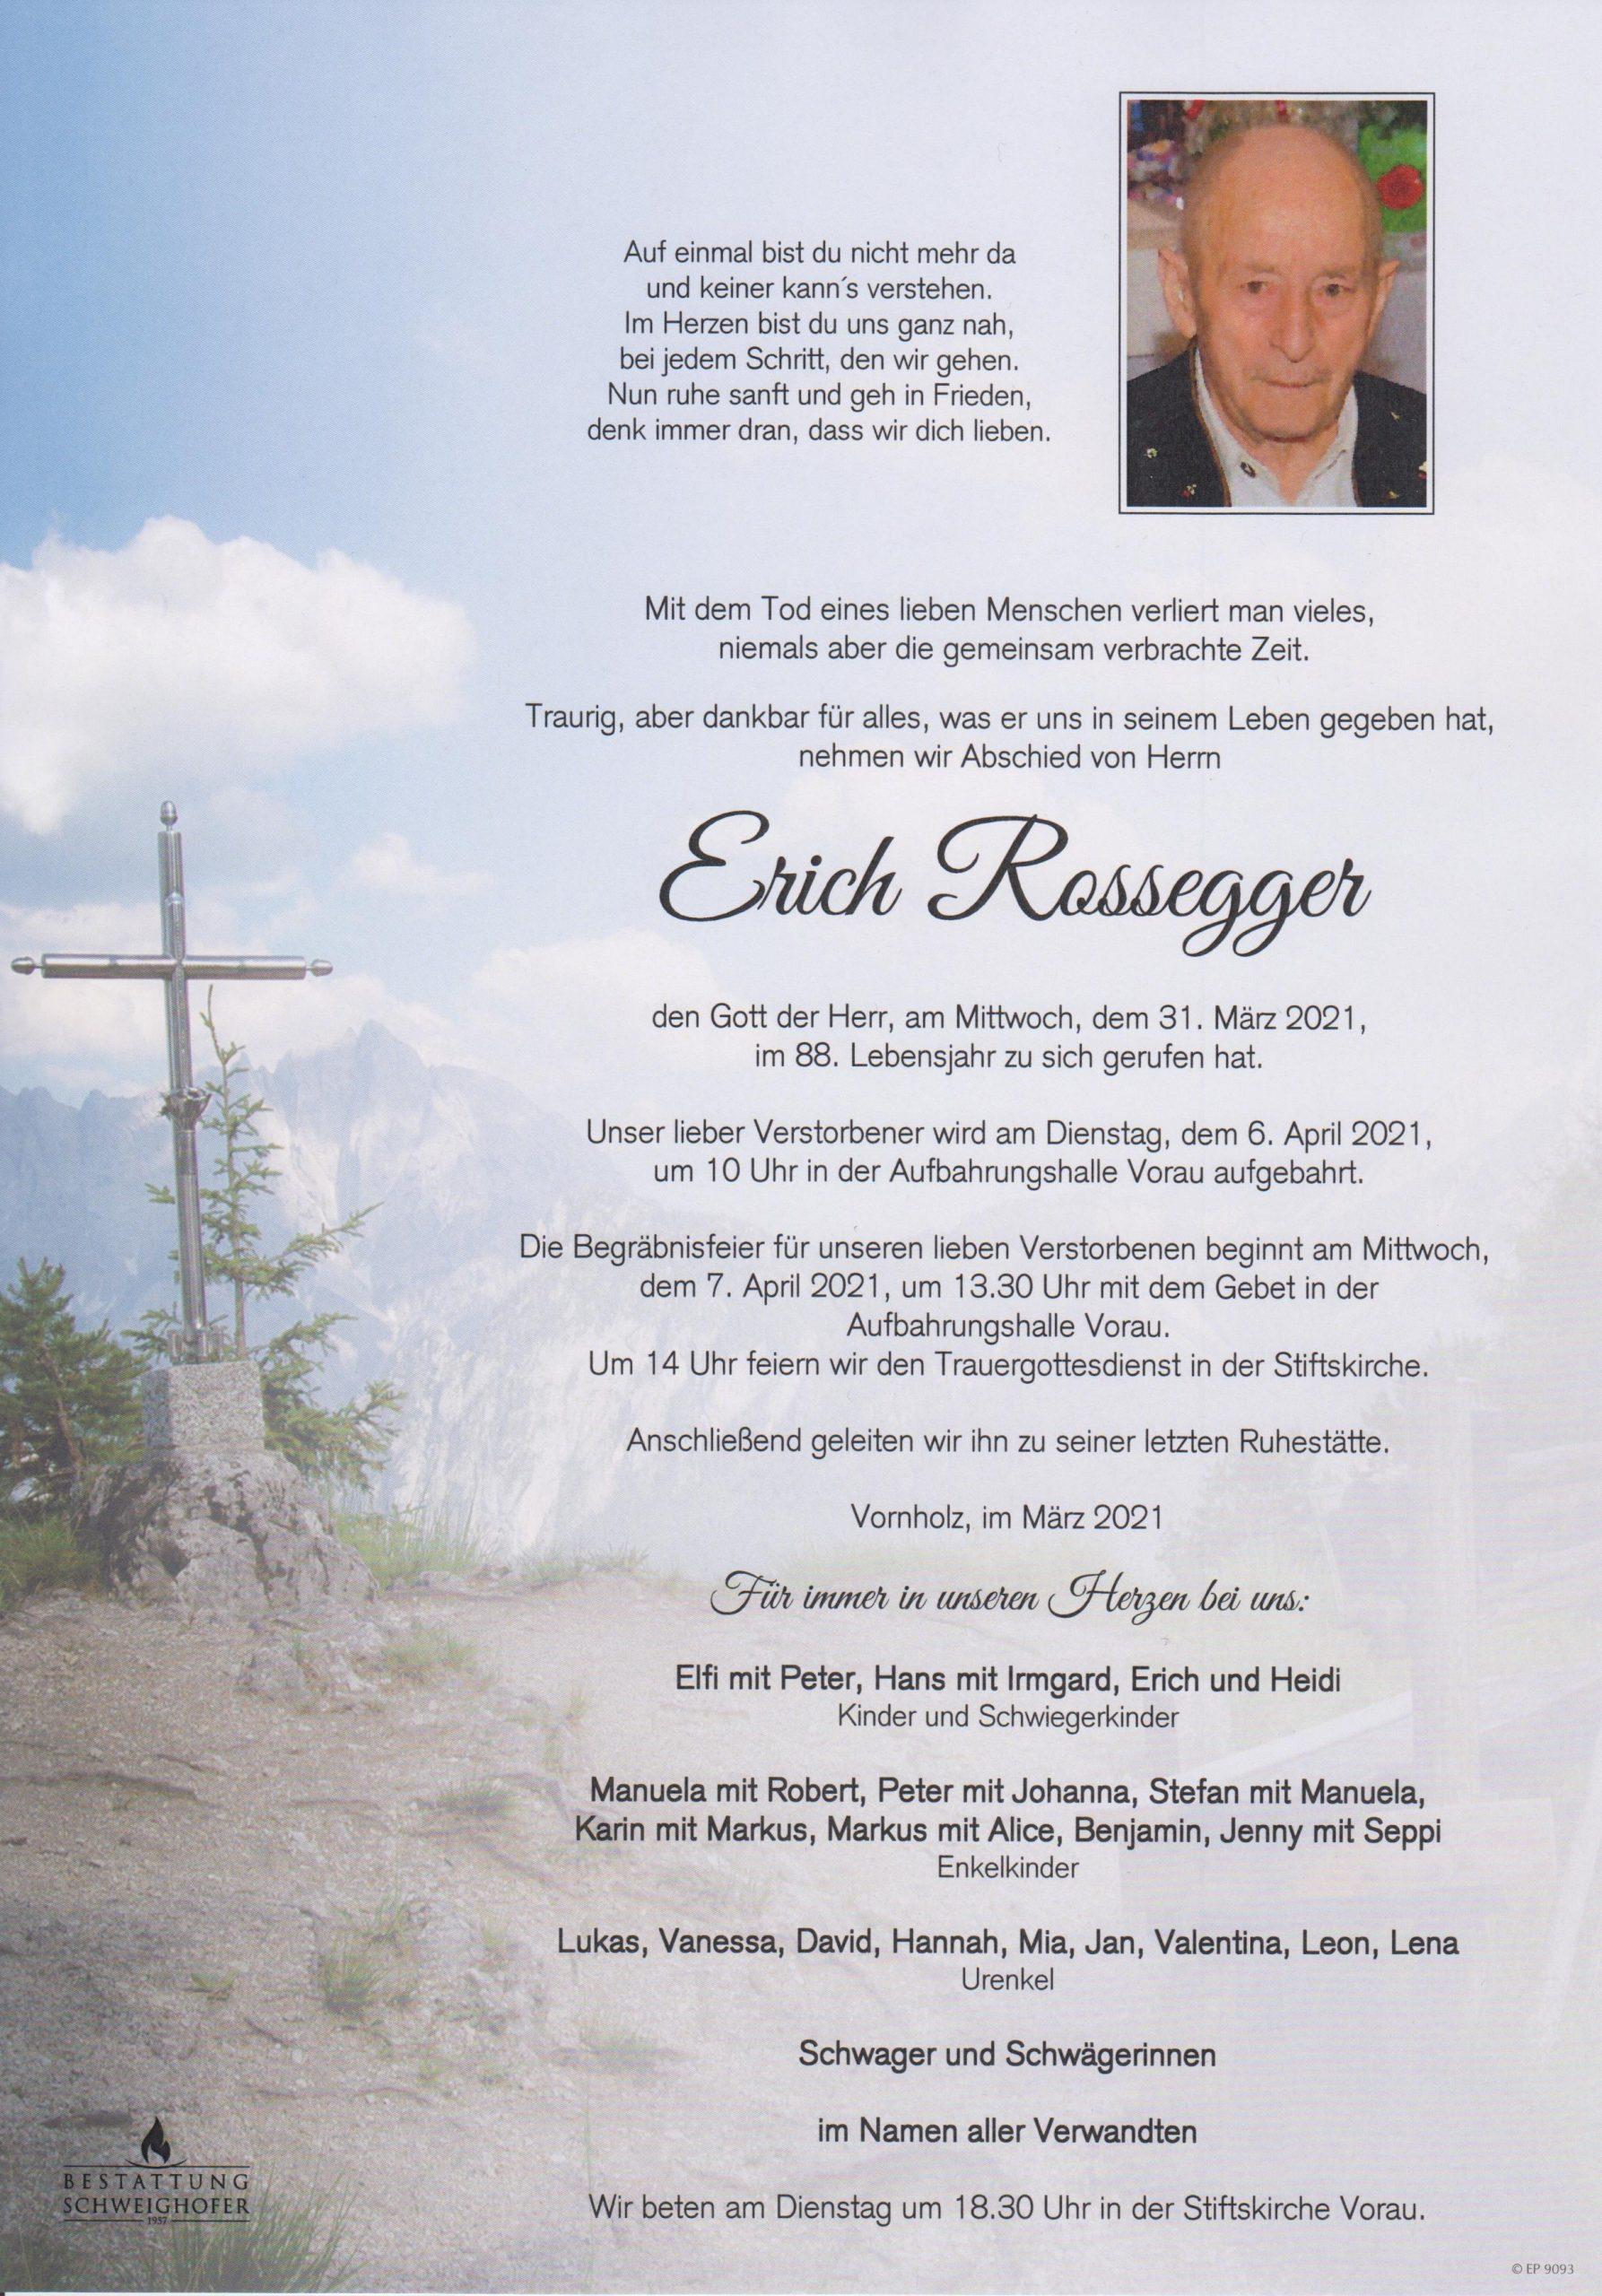 Erich Rossegger